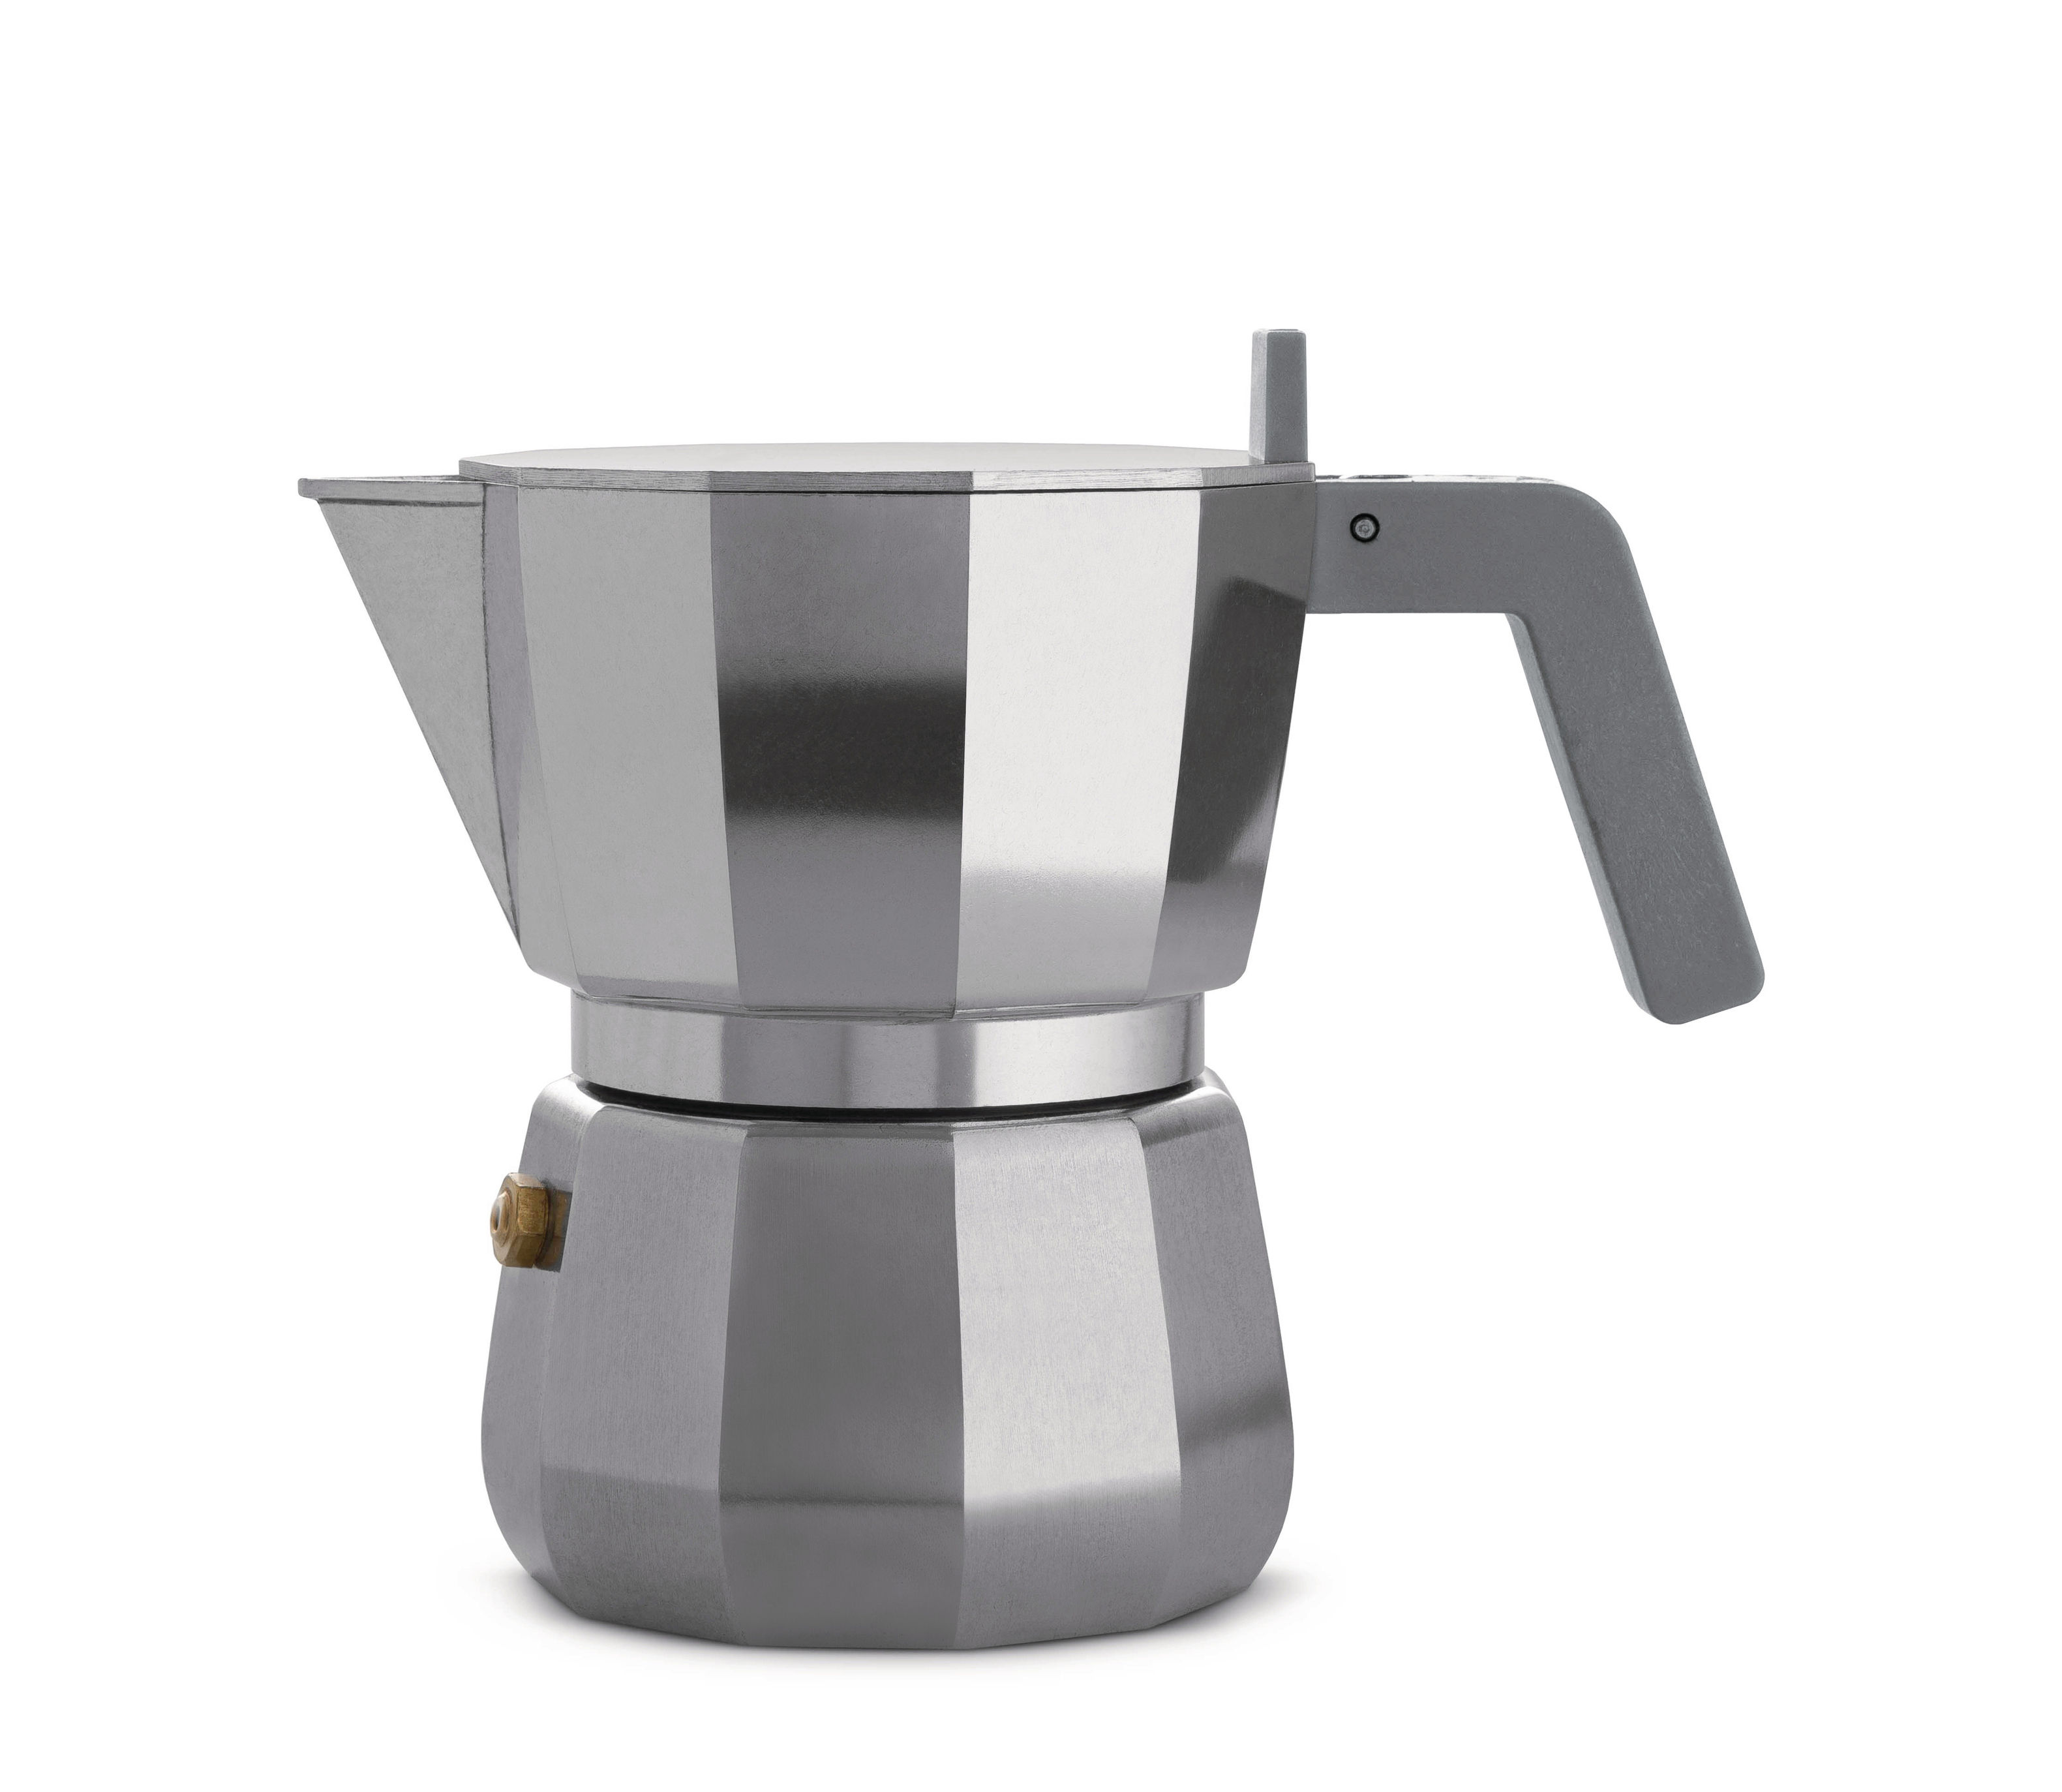 Tavola - Caffè - Caffettiera espresso italiano Moka - /3 tazze di Alessi - 3 tazze / Acciaio - Ghisa di alluminio, Poliammide